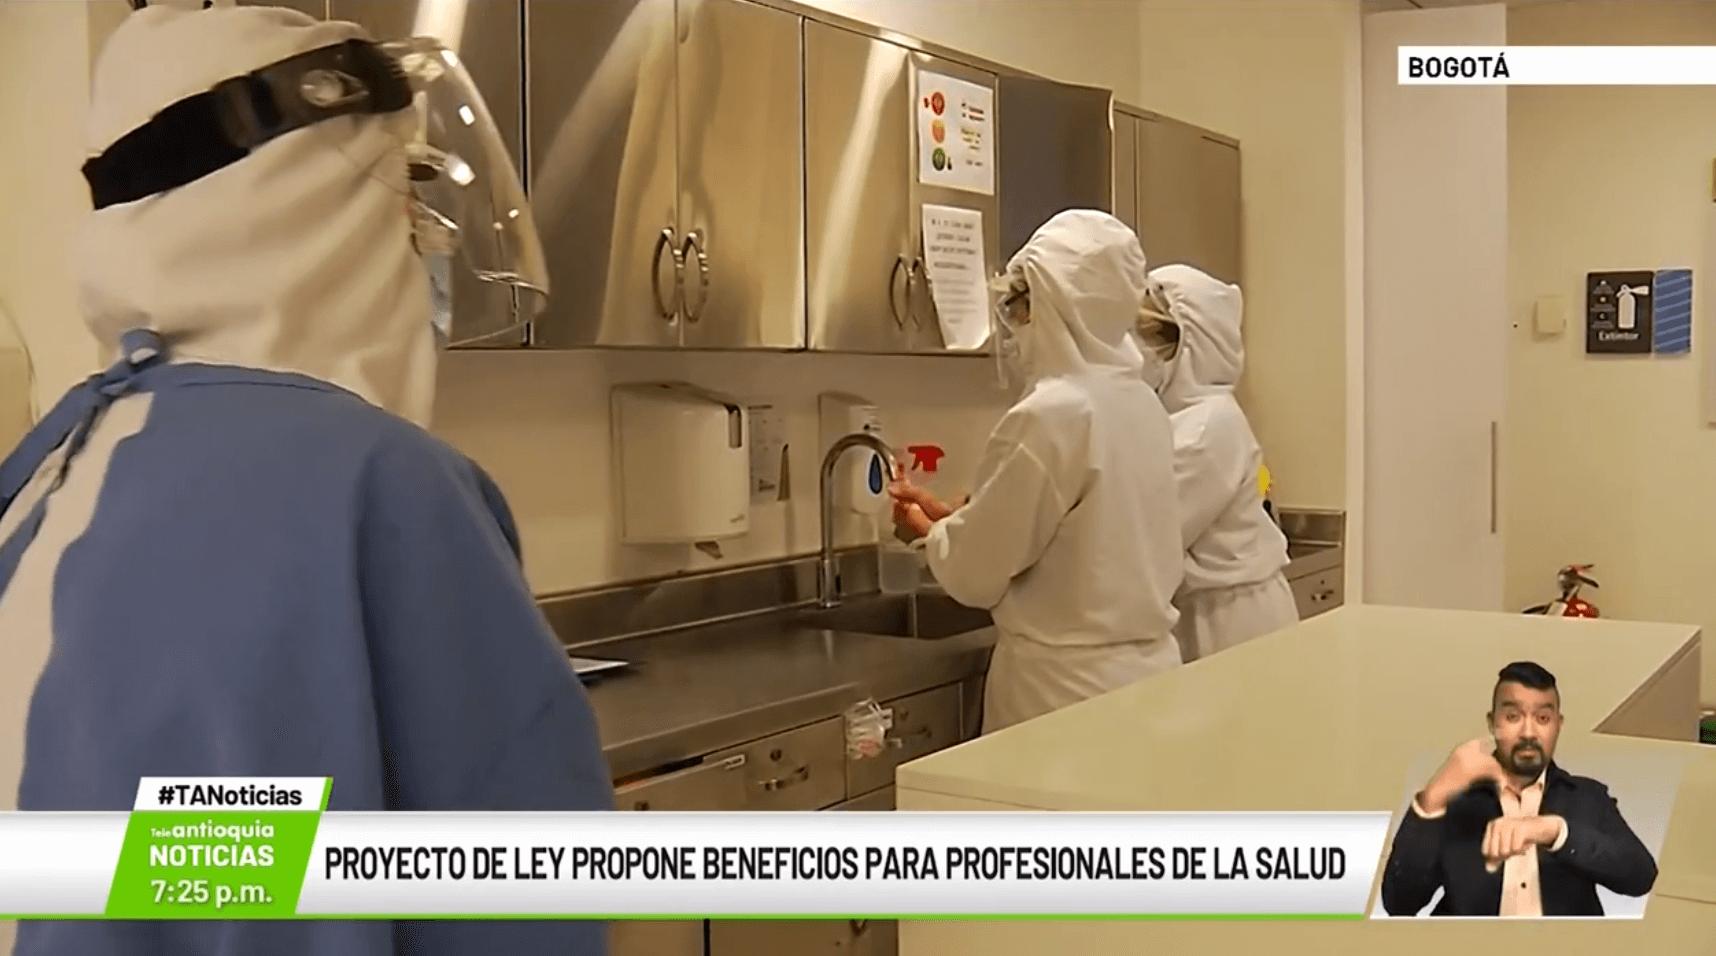 Proyecto de ley propone beneficios para profesionales de la salud